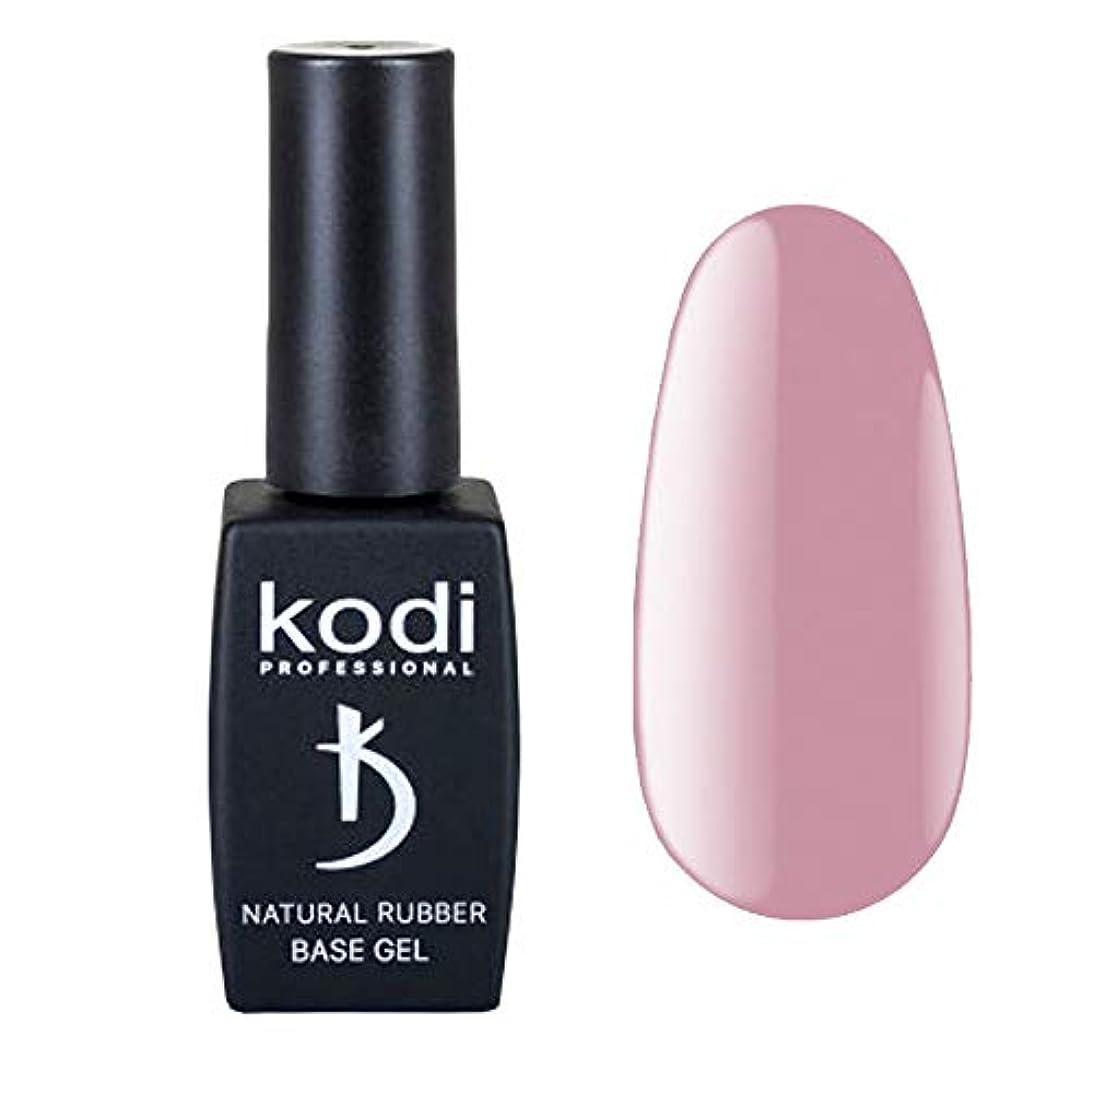 チャペル宣教師鉱夫Kodi Professional New Collection CN Cappuccino #70 Color Gel Nail Polish 12ml 0.42 Fl Oz LED UV Genuine Soak Off